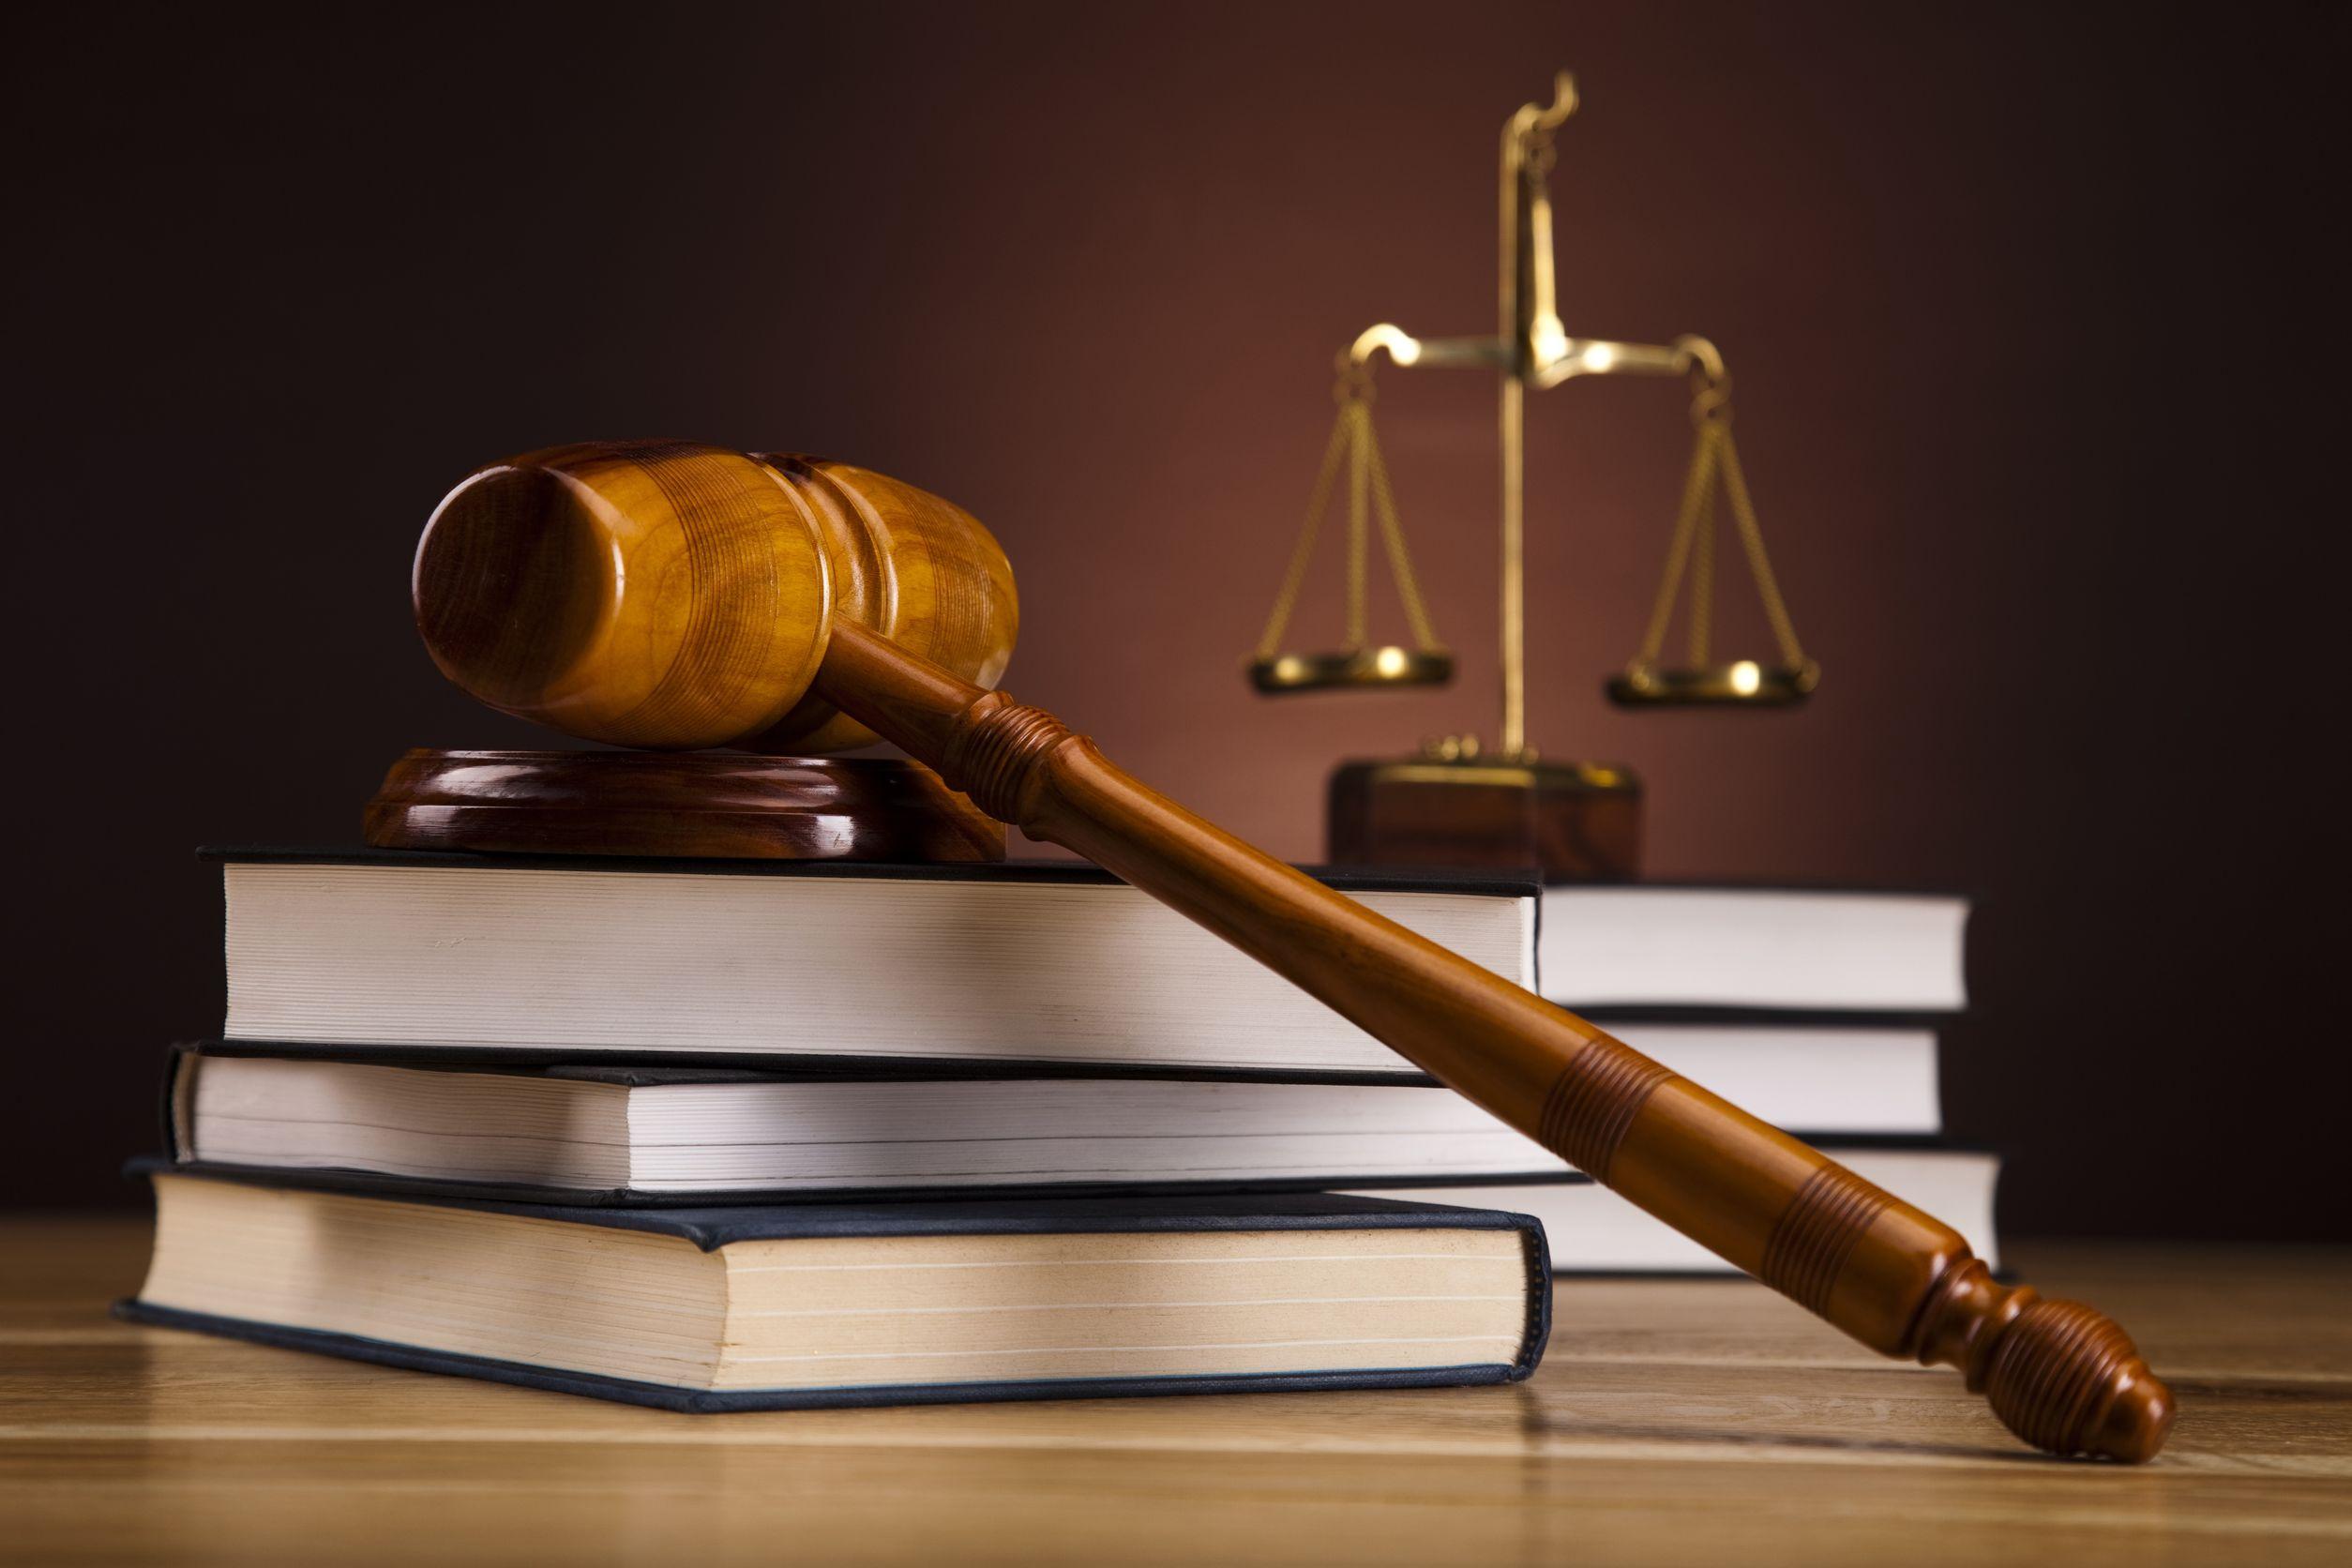 Παναγιώτης Μπαλακτάρης: Γιατί χρειαζόμαστε το Ποινικό Δίκαιο